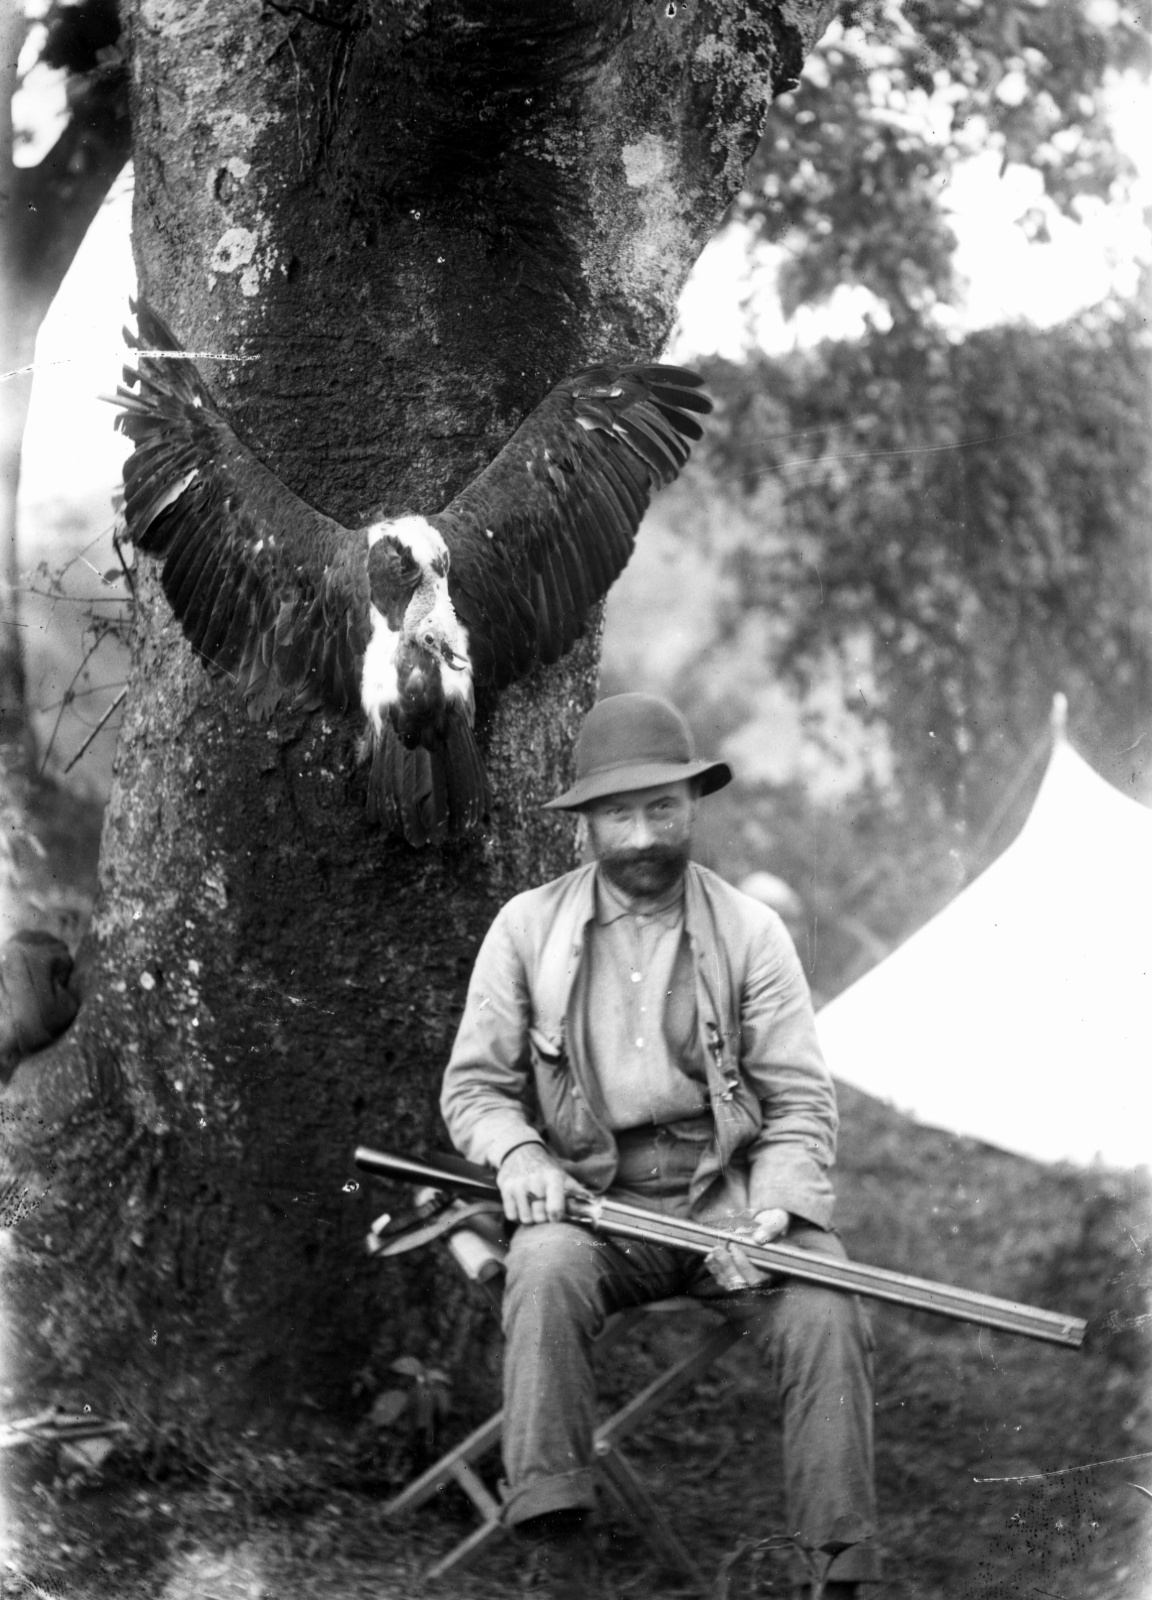 385. Людвиг Пуртшеллер позирует на складном стуле перед деревом, за ним убитый стервятник